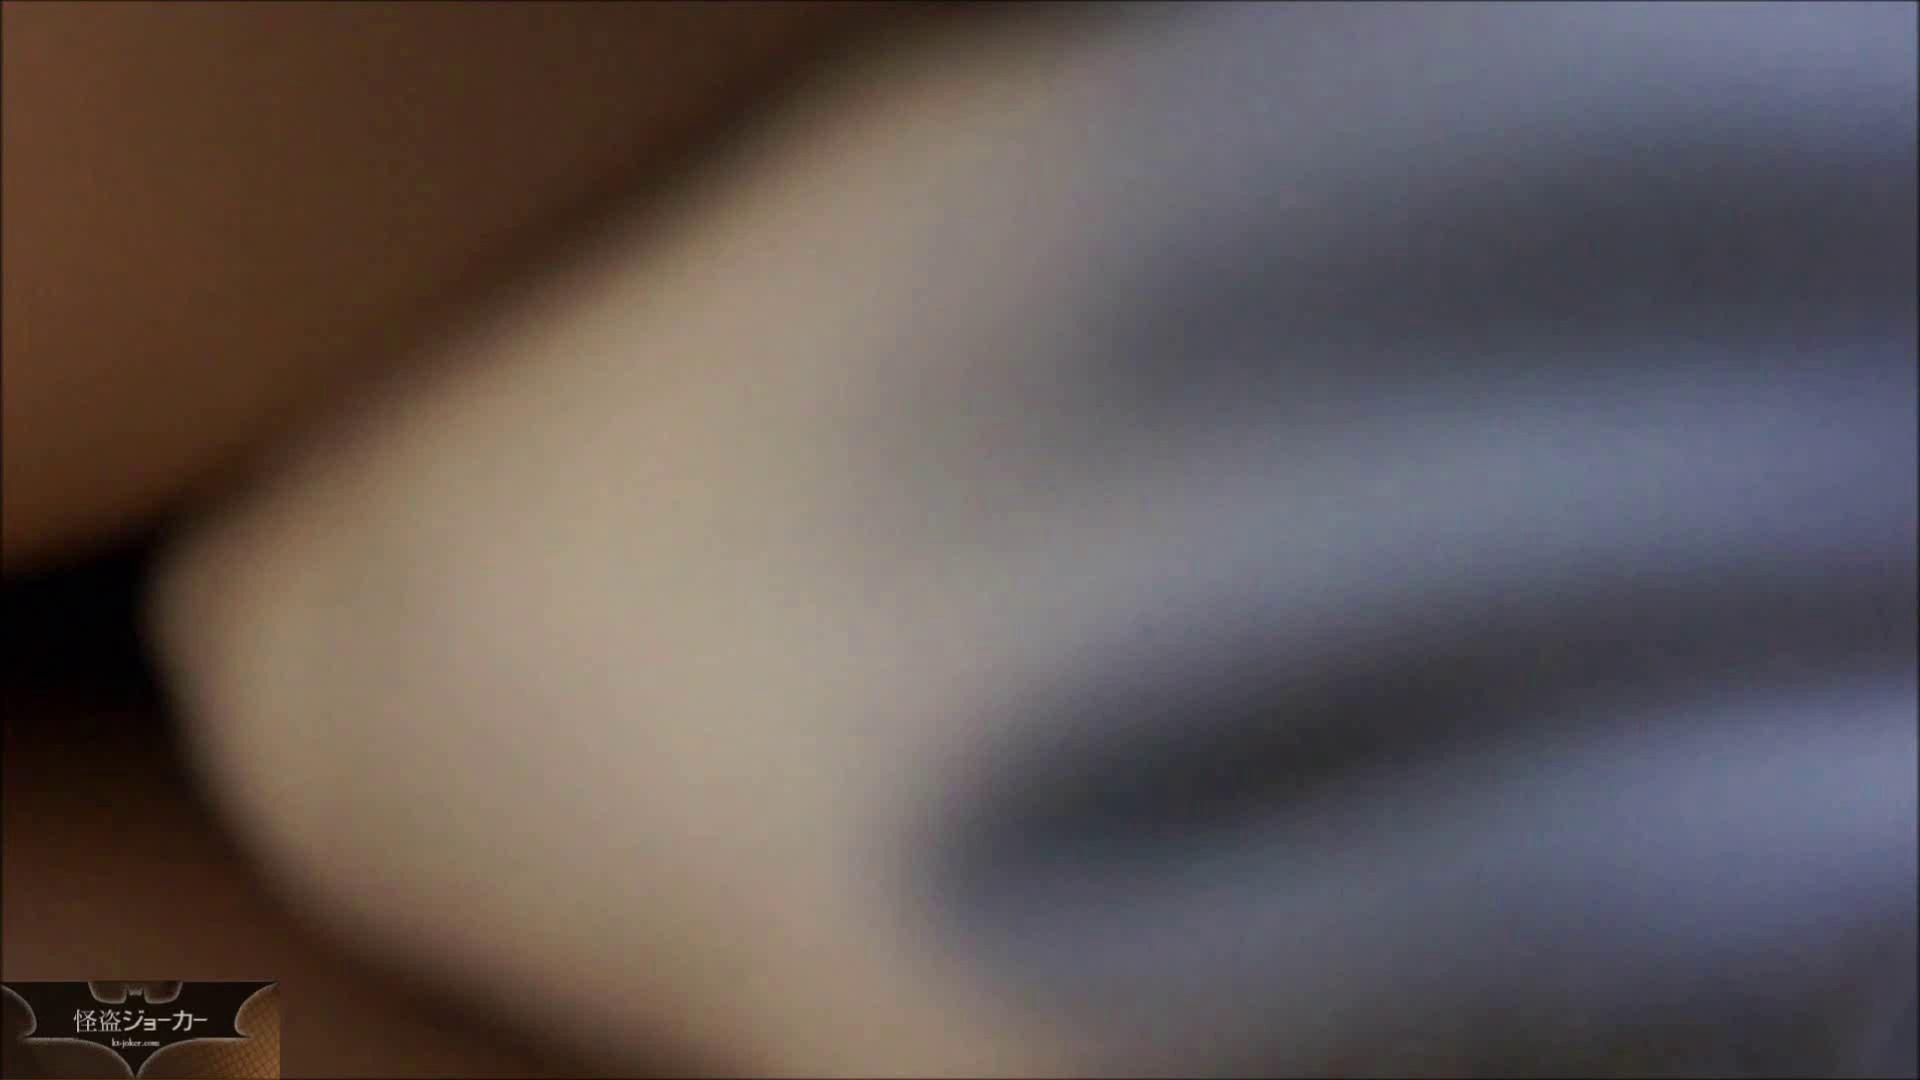 vol.1【現役JD】じゅりちゃん☆新歓コンパの3次会後、酔い潰してから! 巨乳 | ロリ  77pic 36